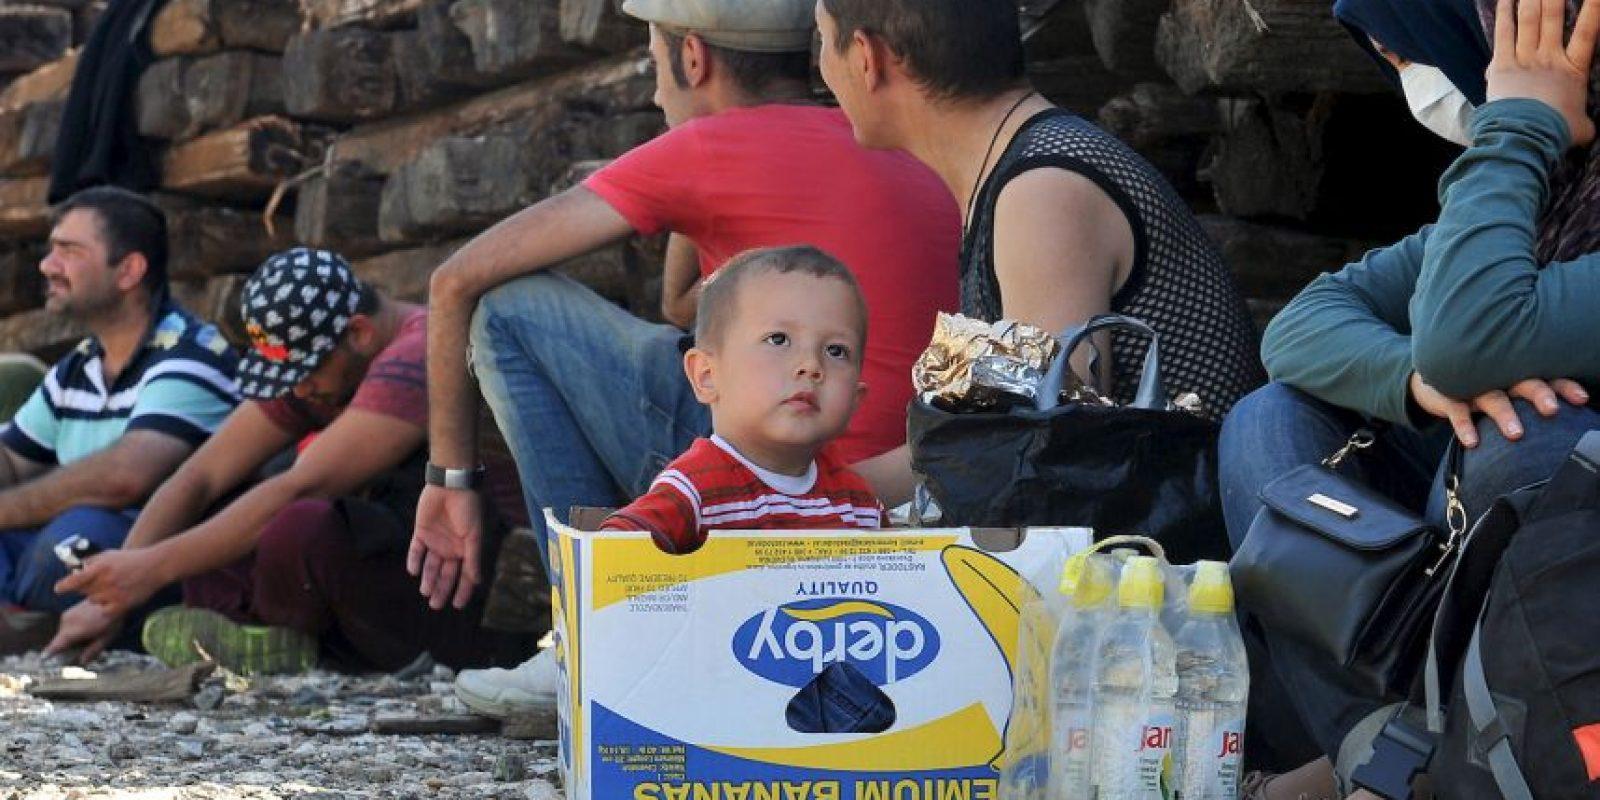 De acuerdo con el primer ministro de Croacia, Zoran Milanovic, todos los refugiados que quieran seguir su camino tendrán vía libre. Foto:AFP